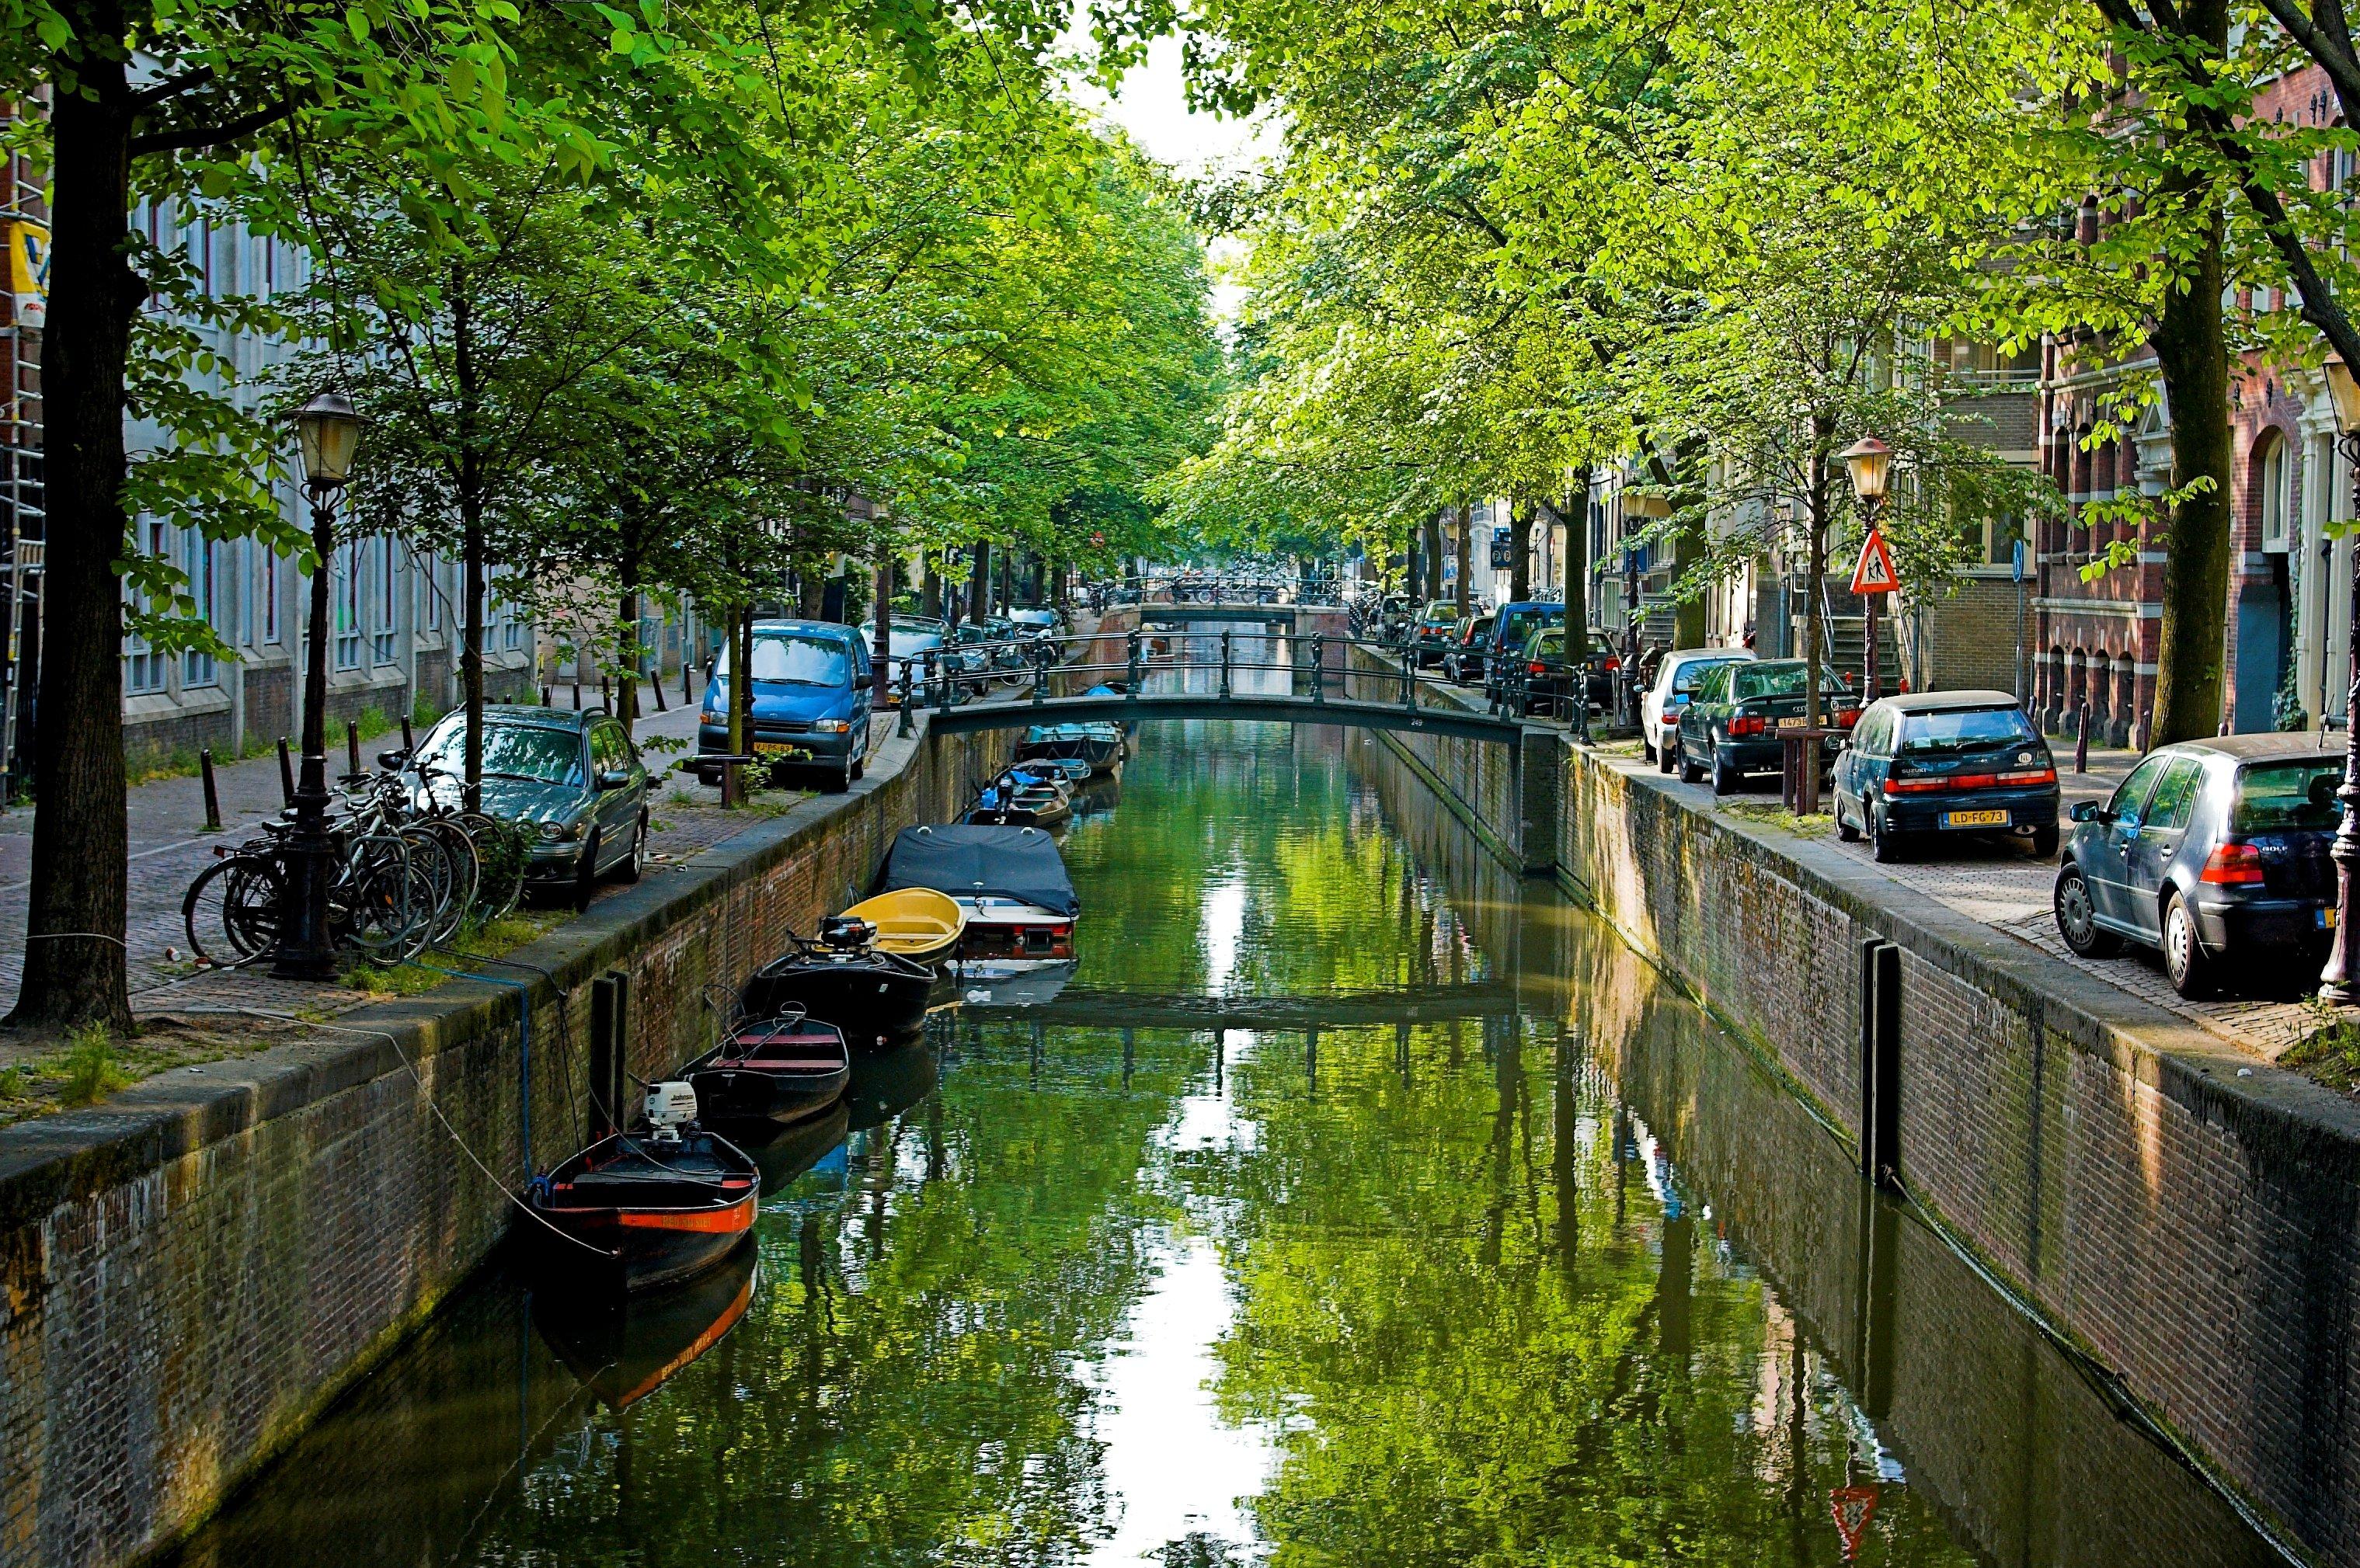 زيارة إلى مدينة أمستردام اكثر الوجهات السياحية الشعبية 384399392